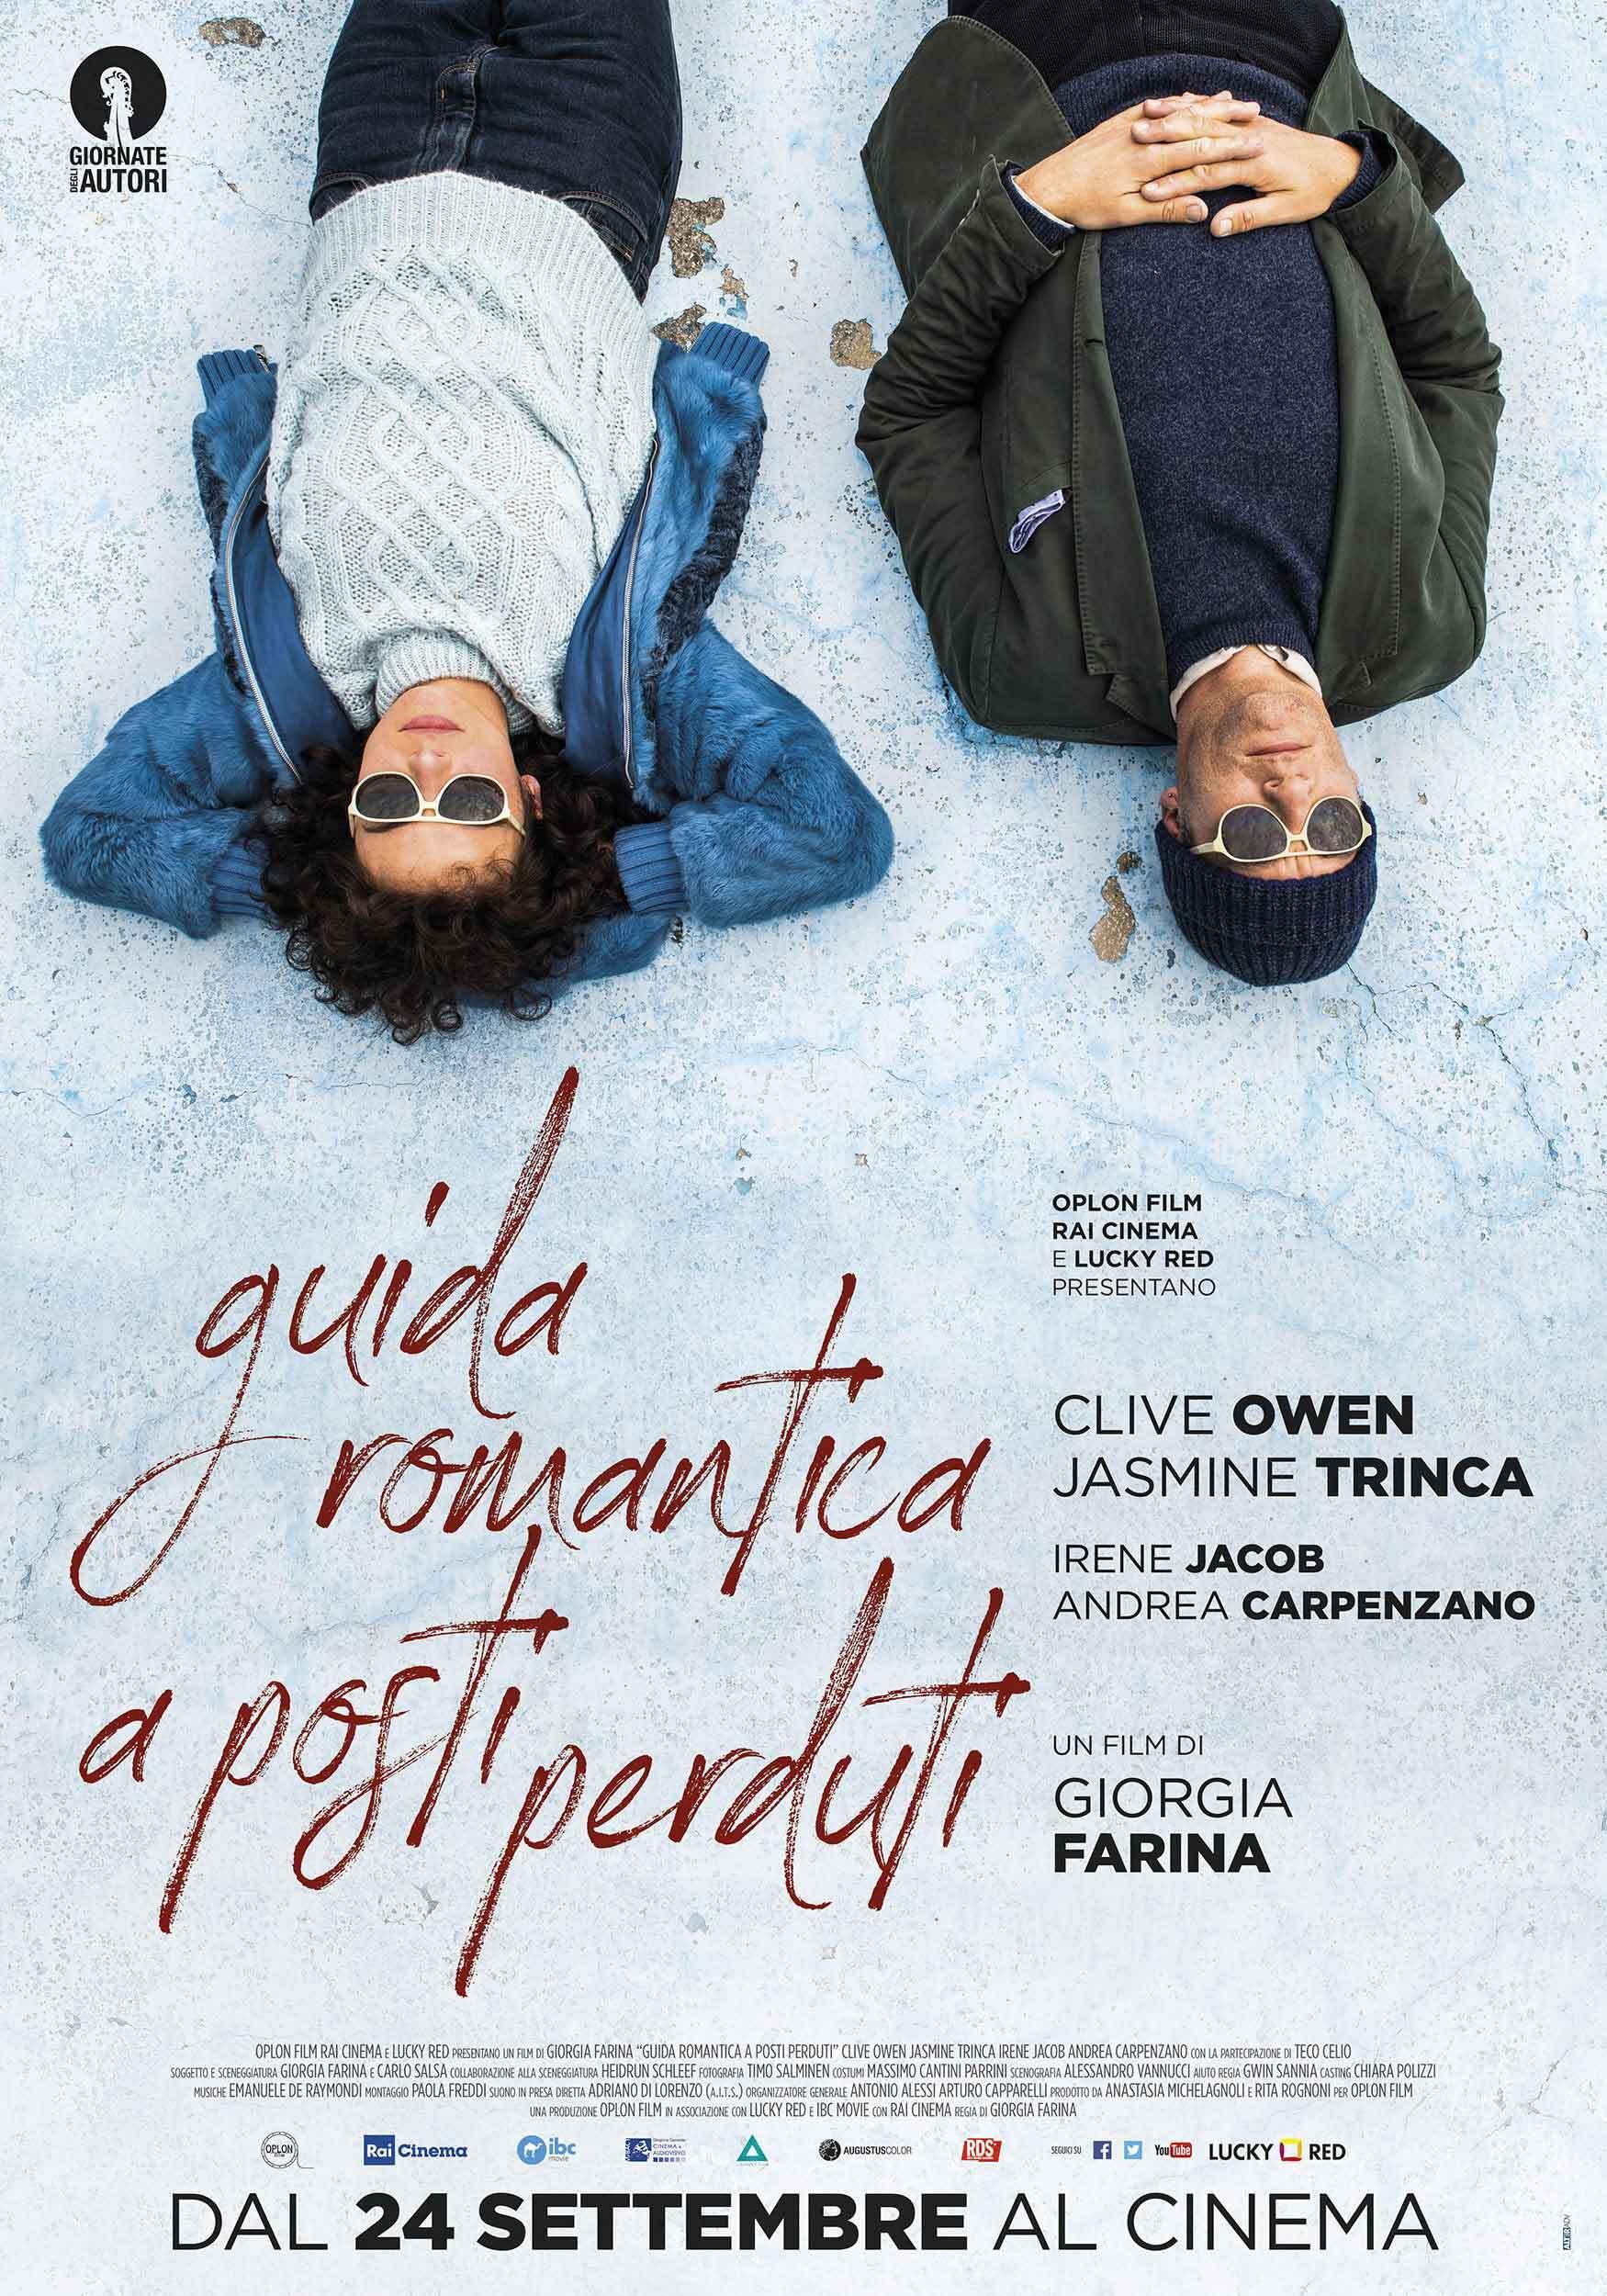 Guida romantica a posti perduti: il poster